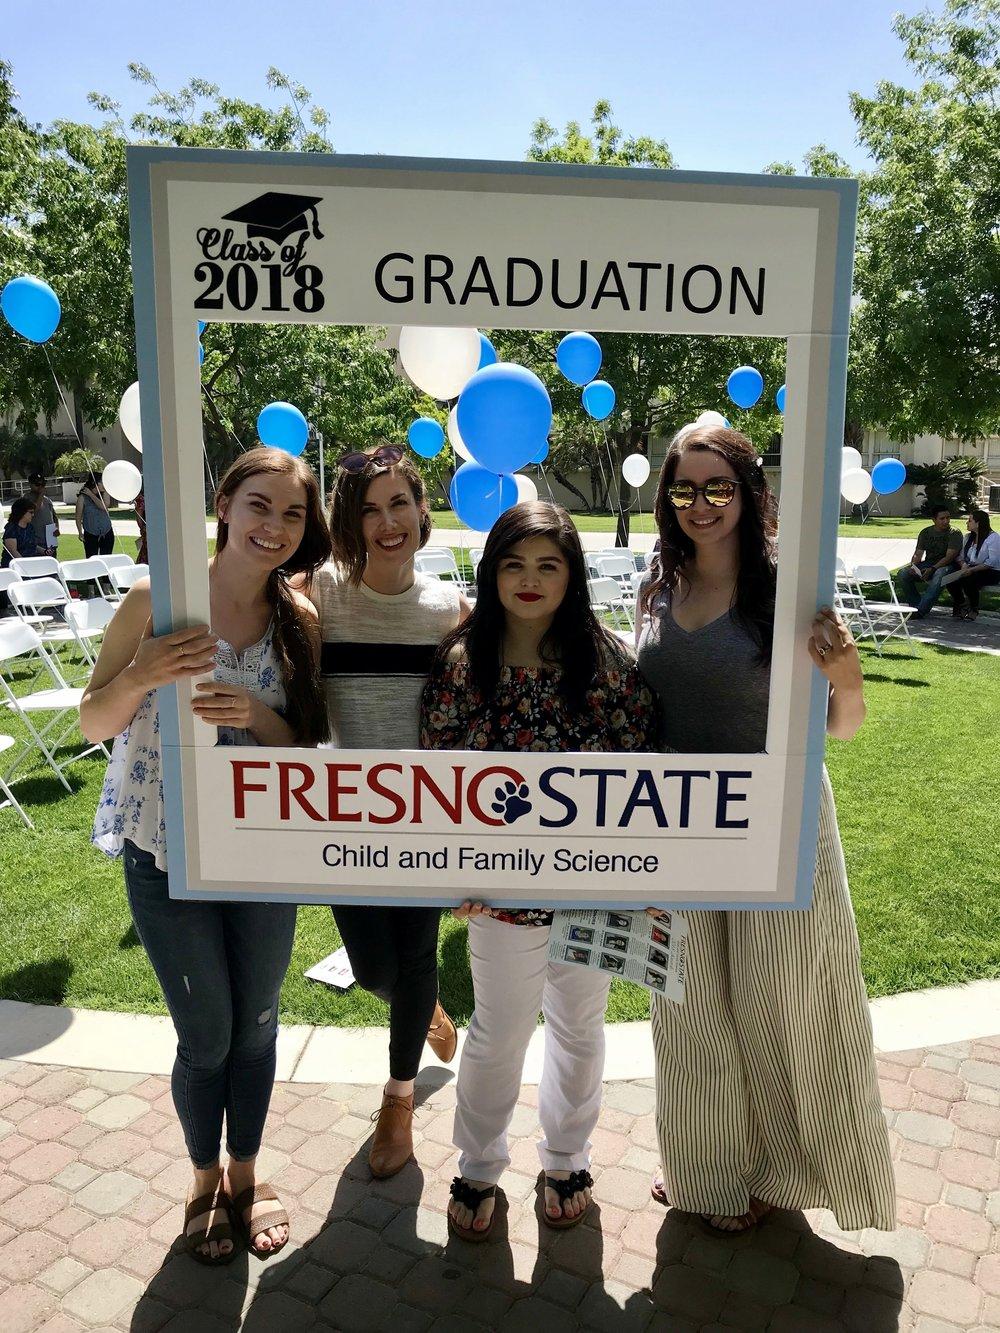 L-R: Cassandra Stewart, Dr. Jessica McKenzie, Cristina Landeros, & Rachel Castellón